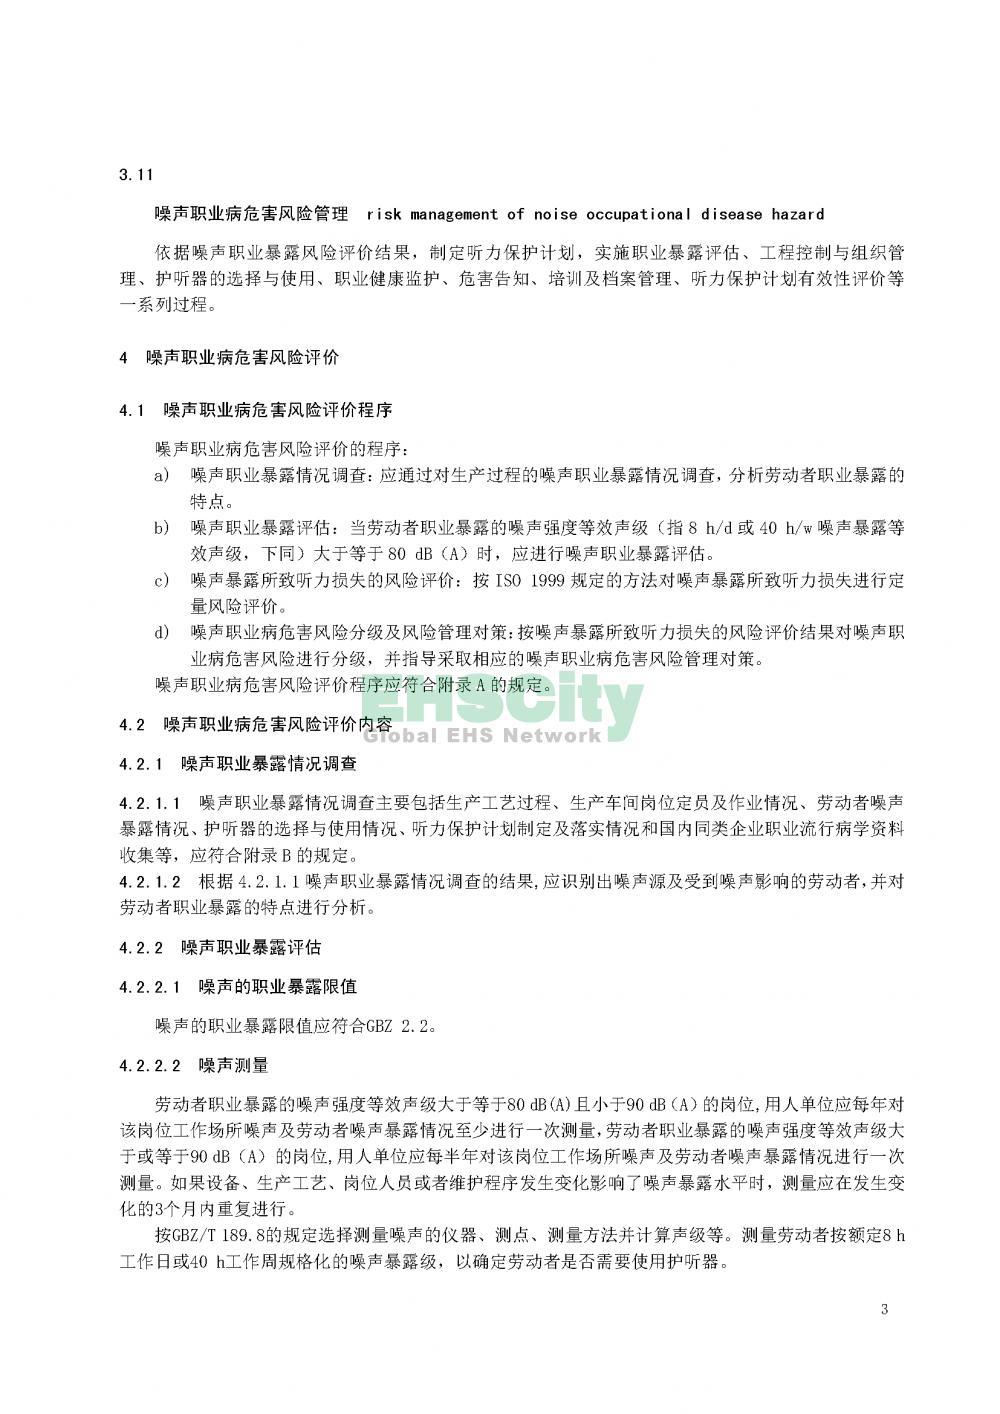 噪声职业病危害风险管理指南_页面_06